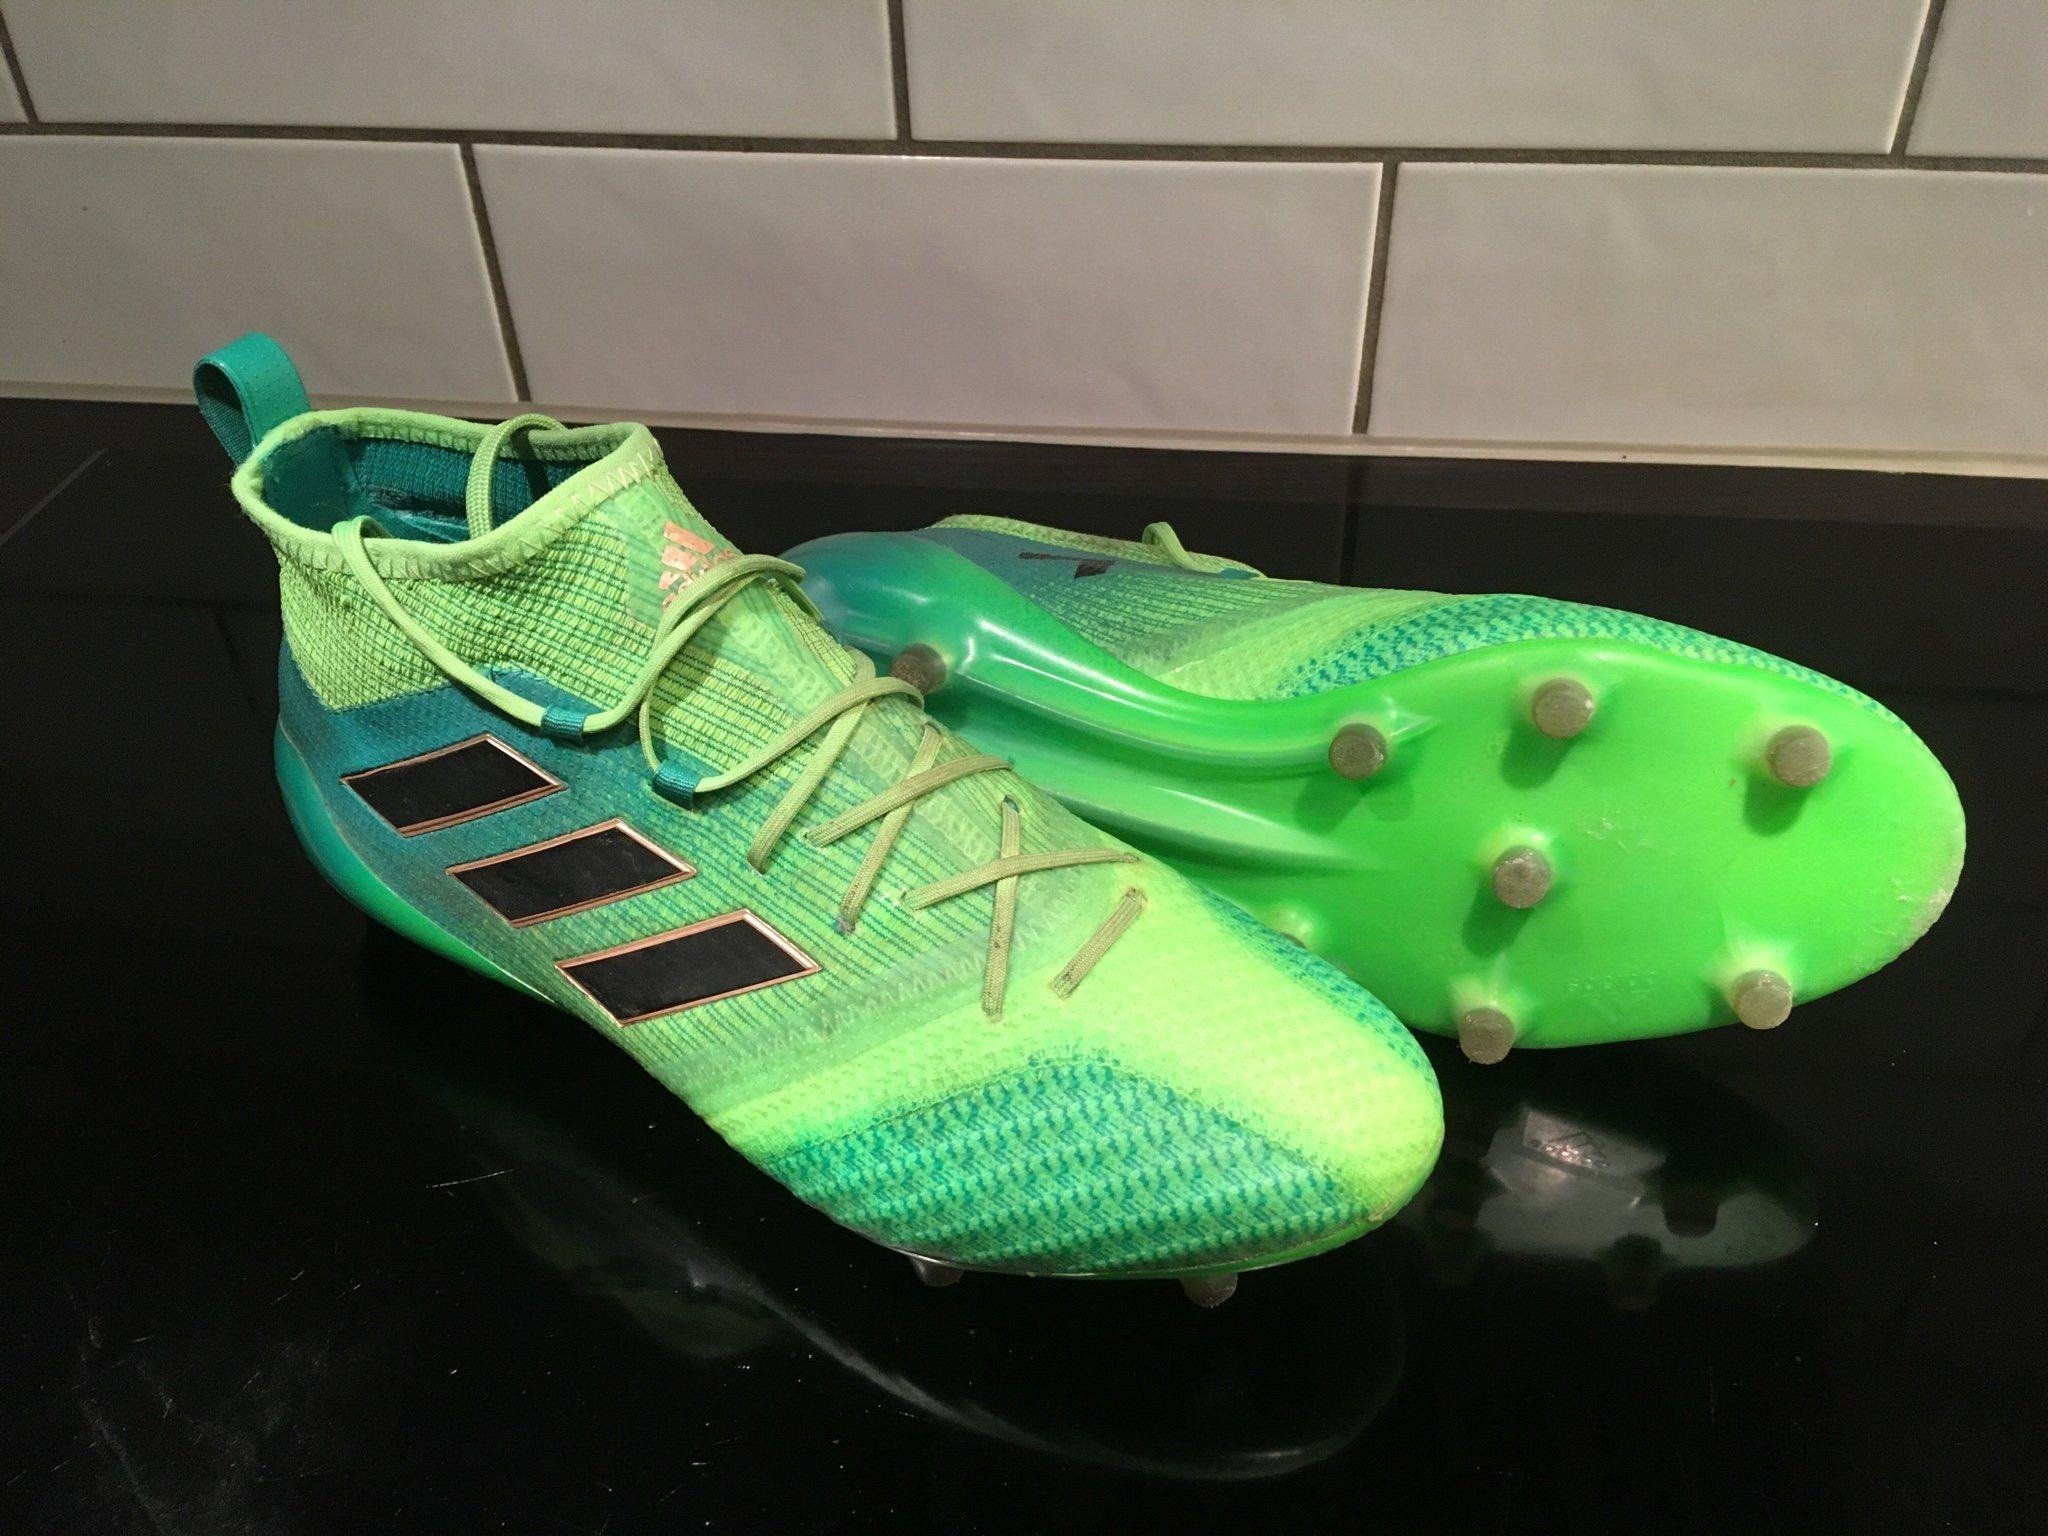 Adidas Ace 17.1 fotbollsskor (341698966) ᐈ Köp på Tradera 6735aee744daa